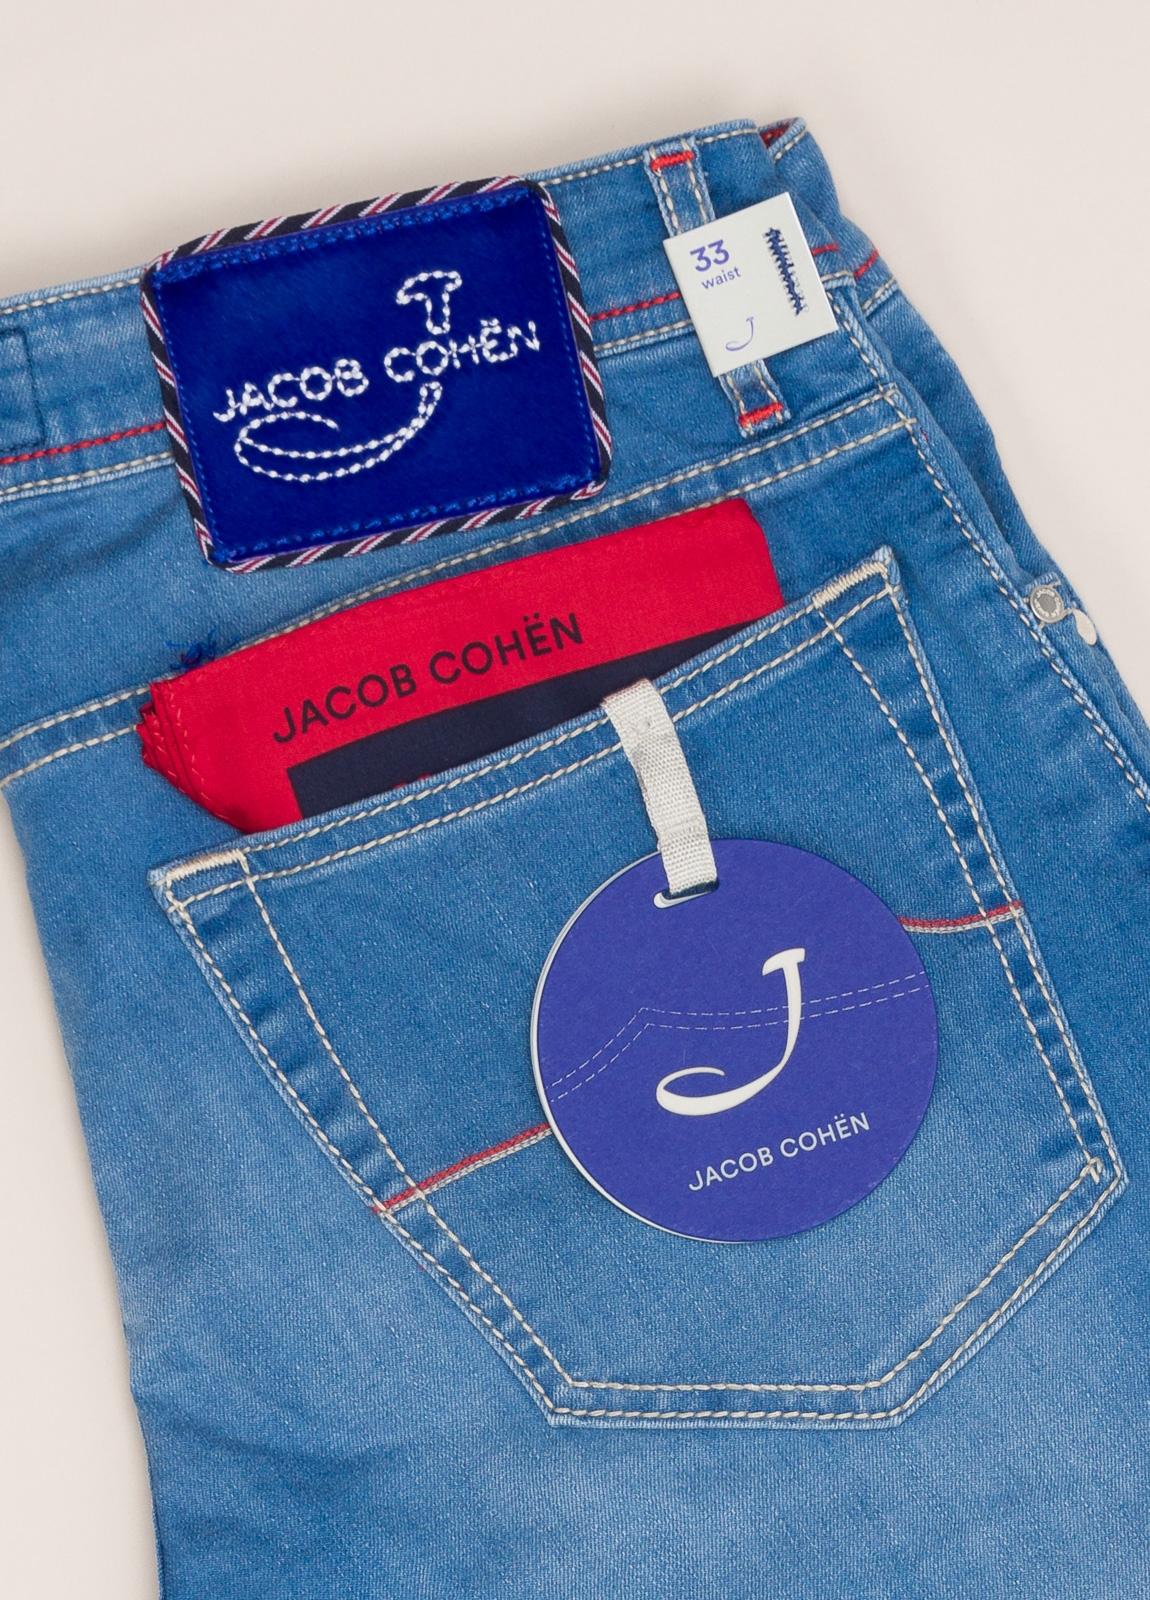 Pantalón tejano JACOB COHEN azul medio - Ítem2